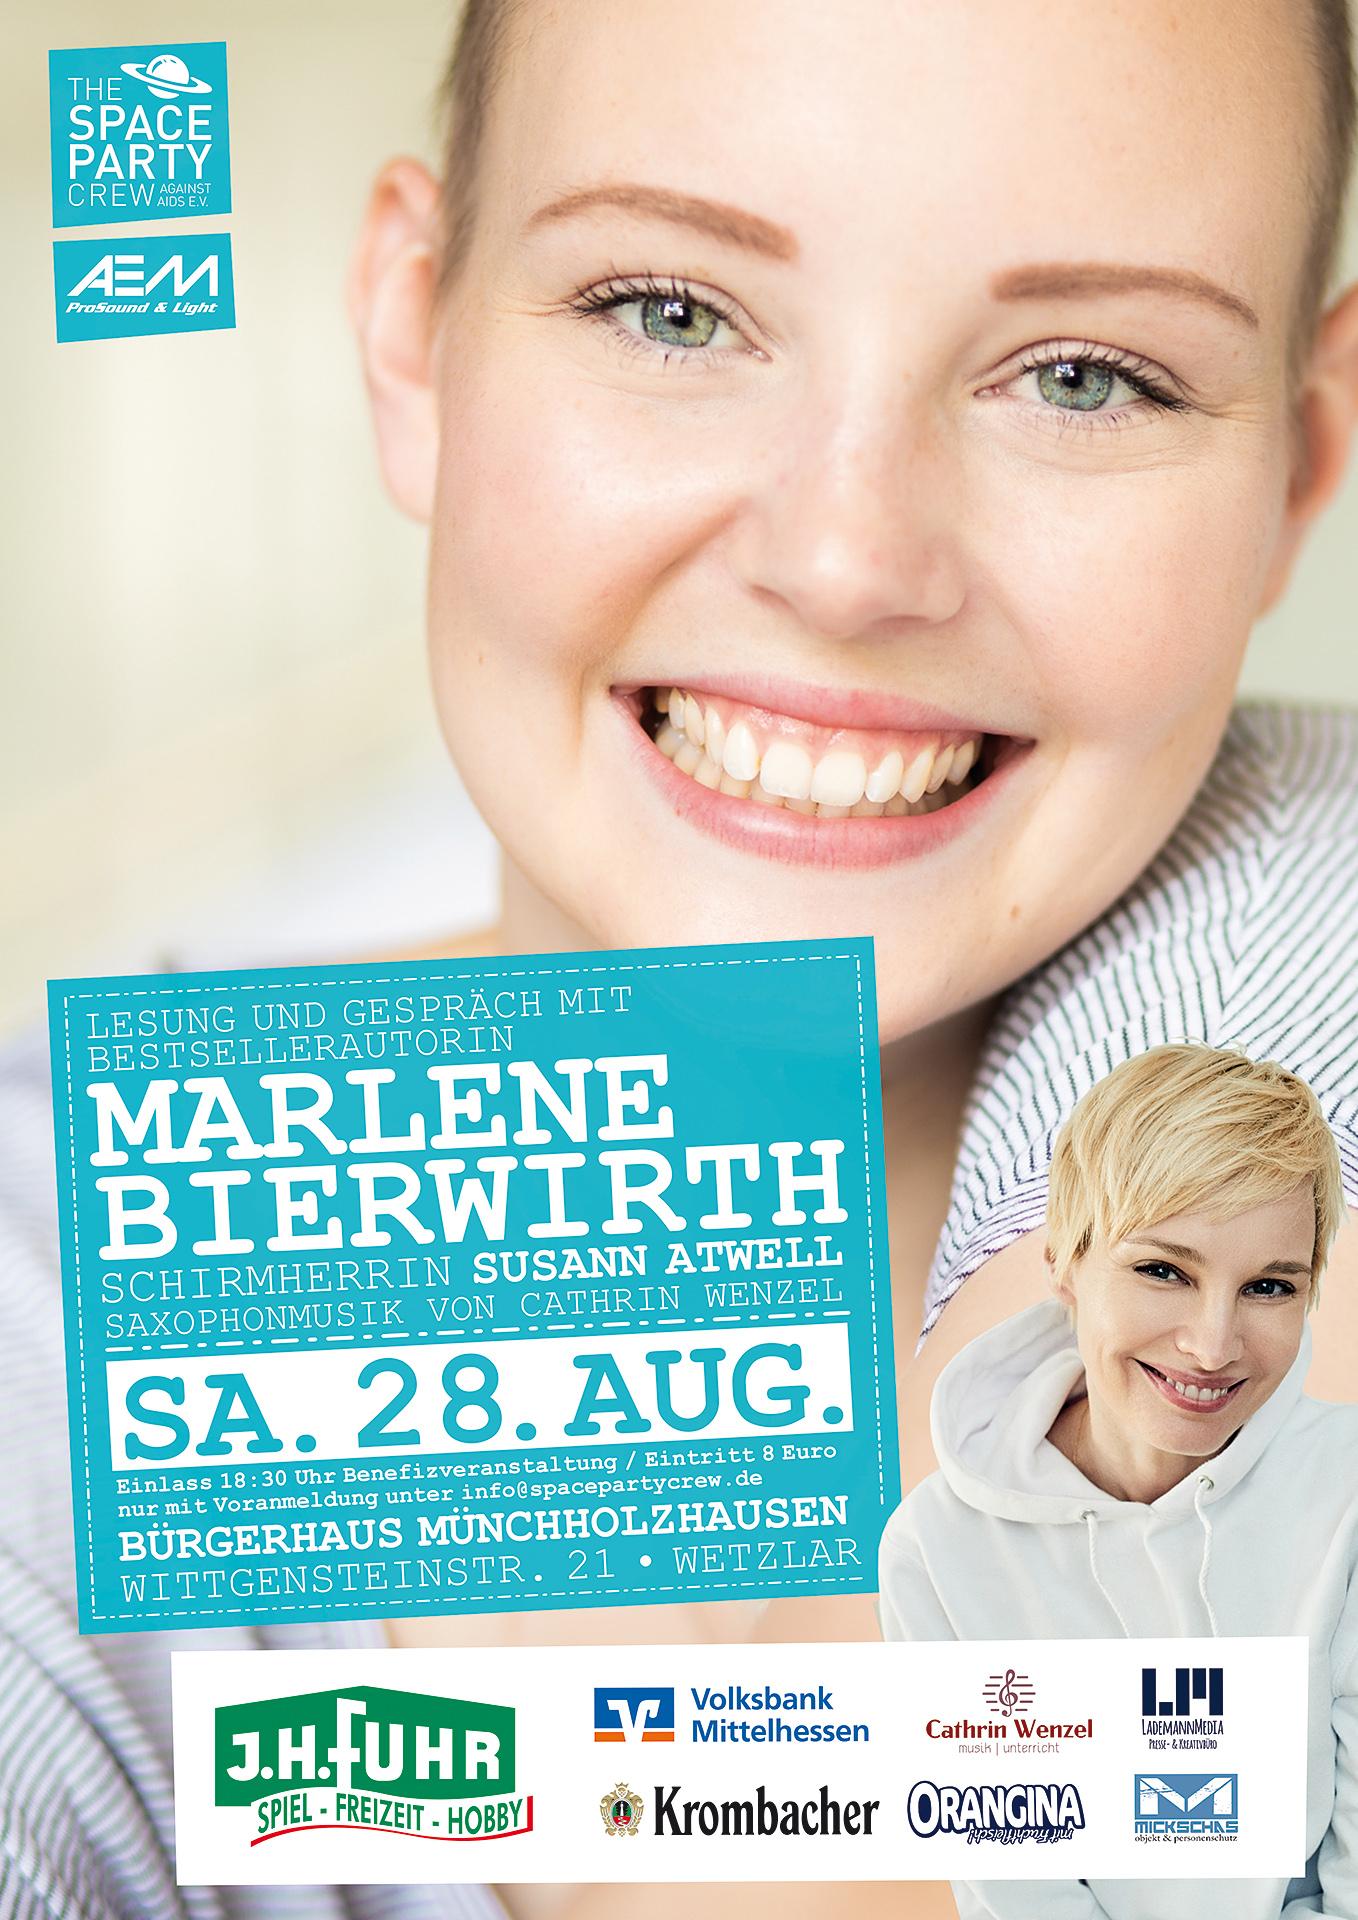 20210828_spc_a3_marlene_bierw...